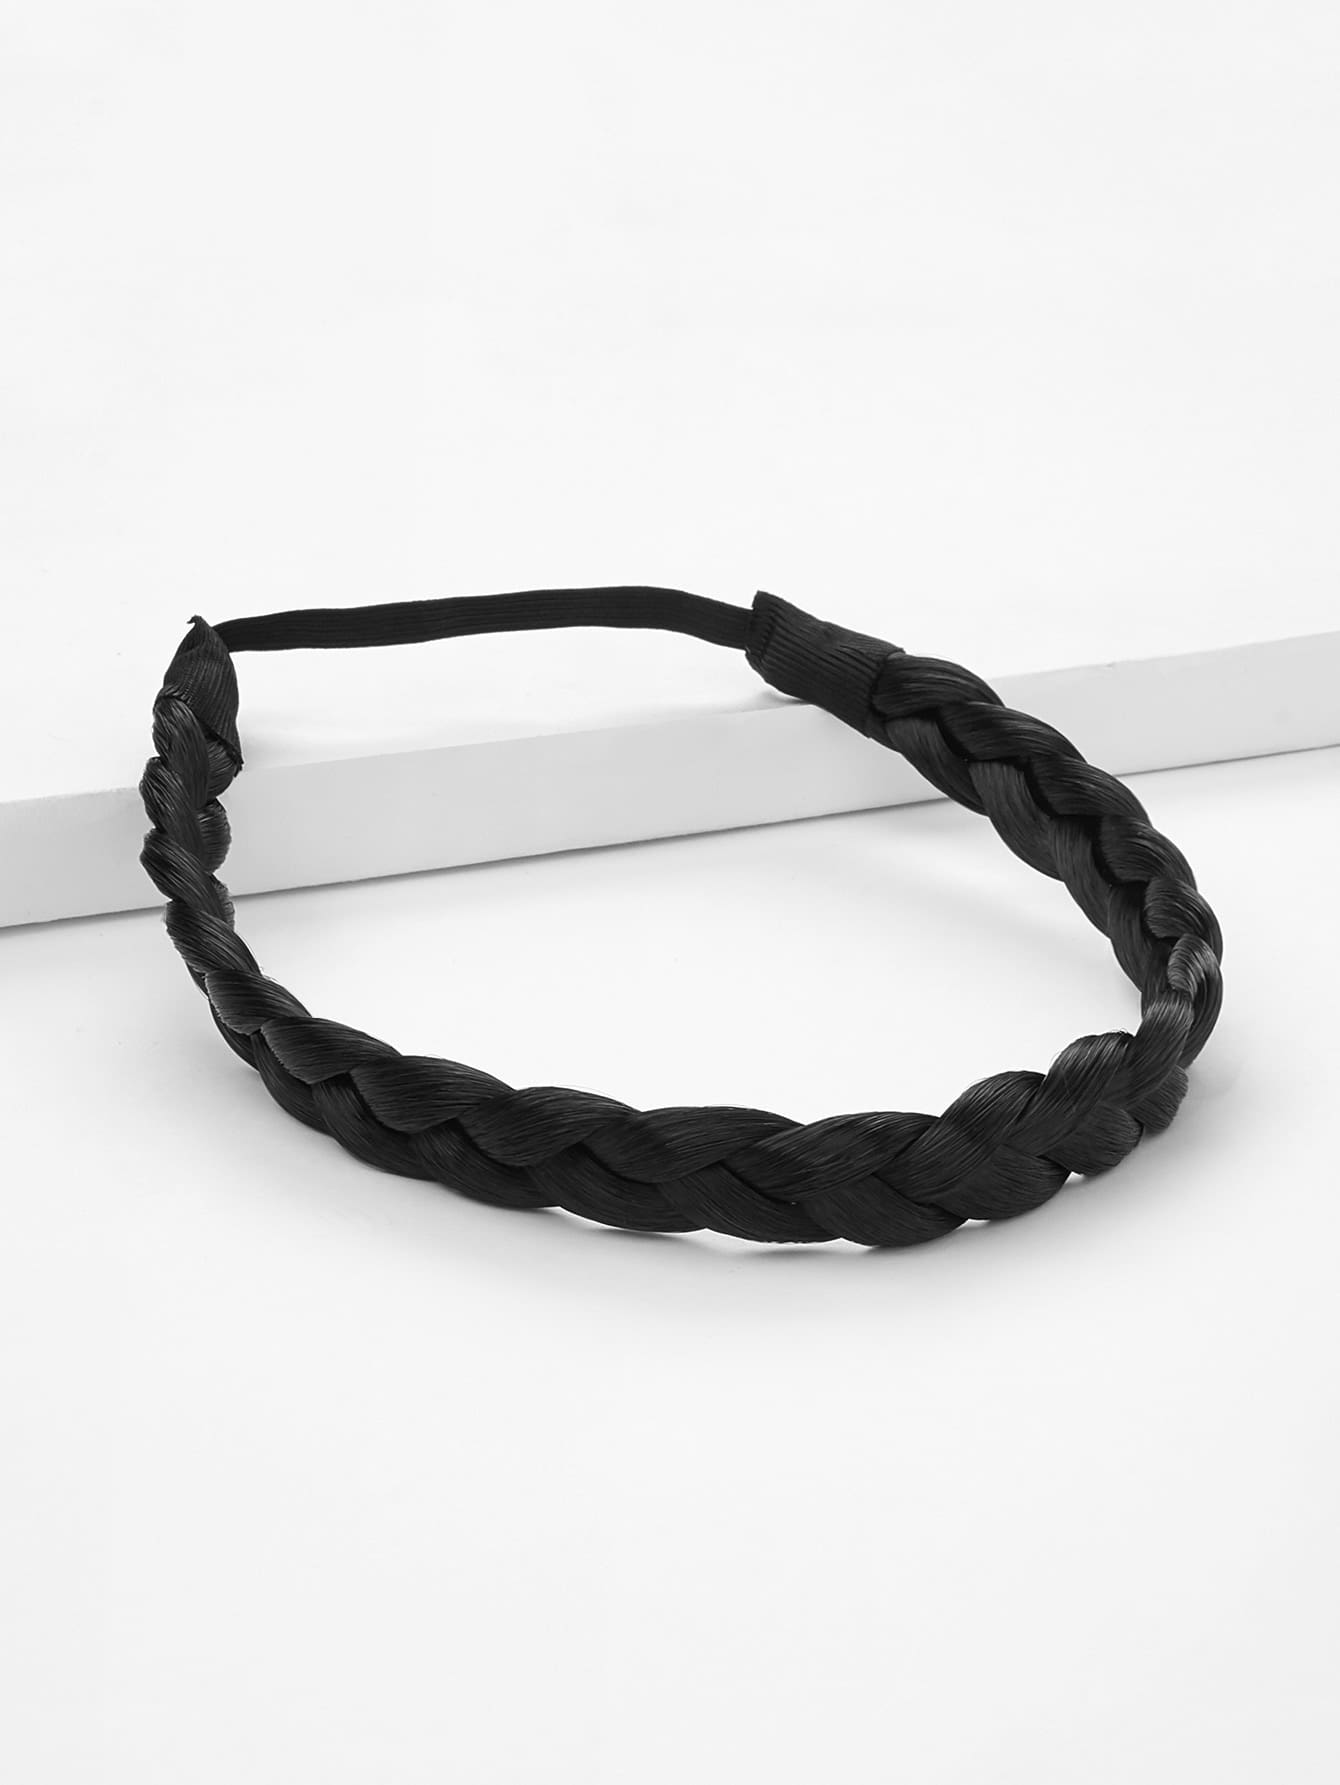 Woven Design Headband woven textile design